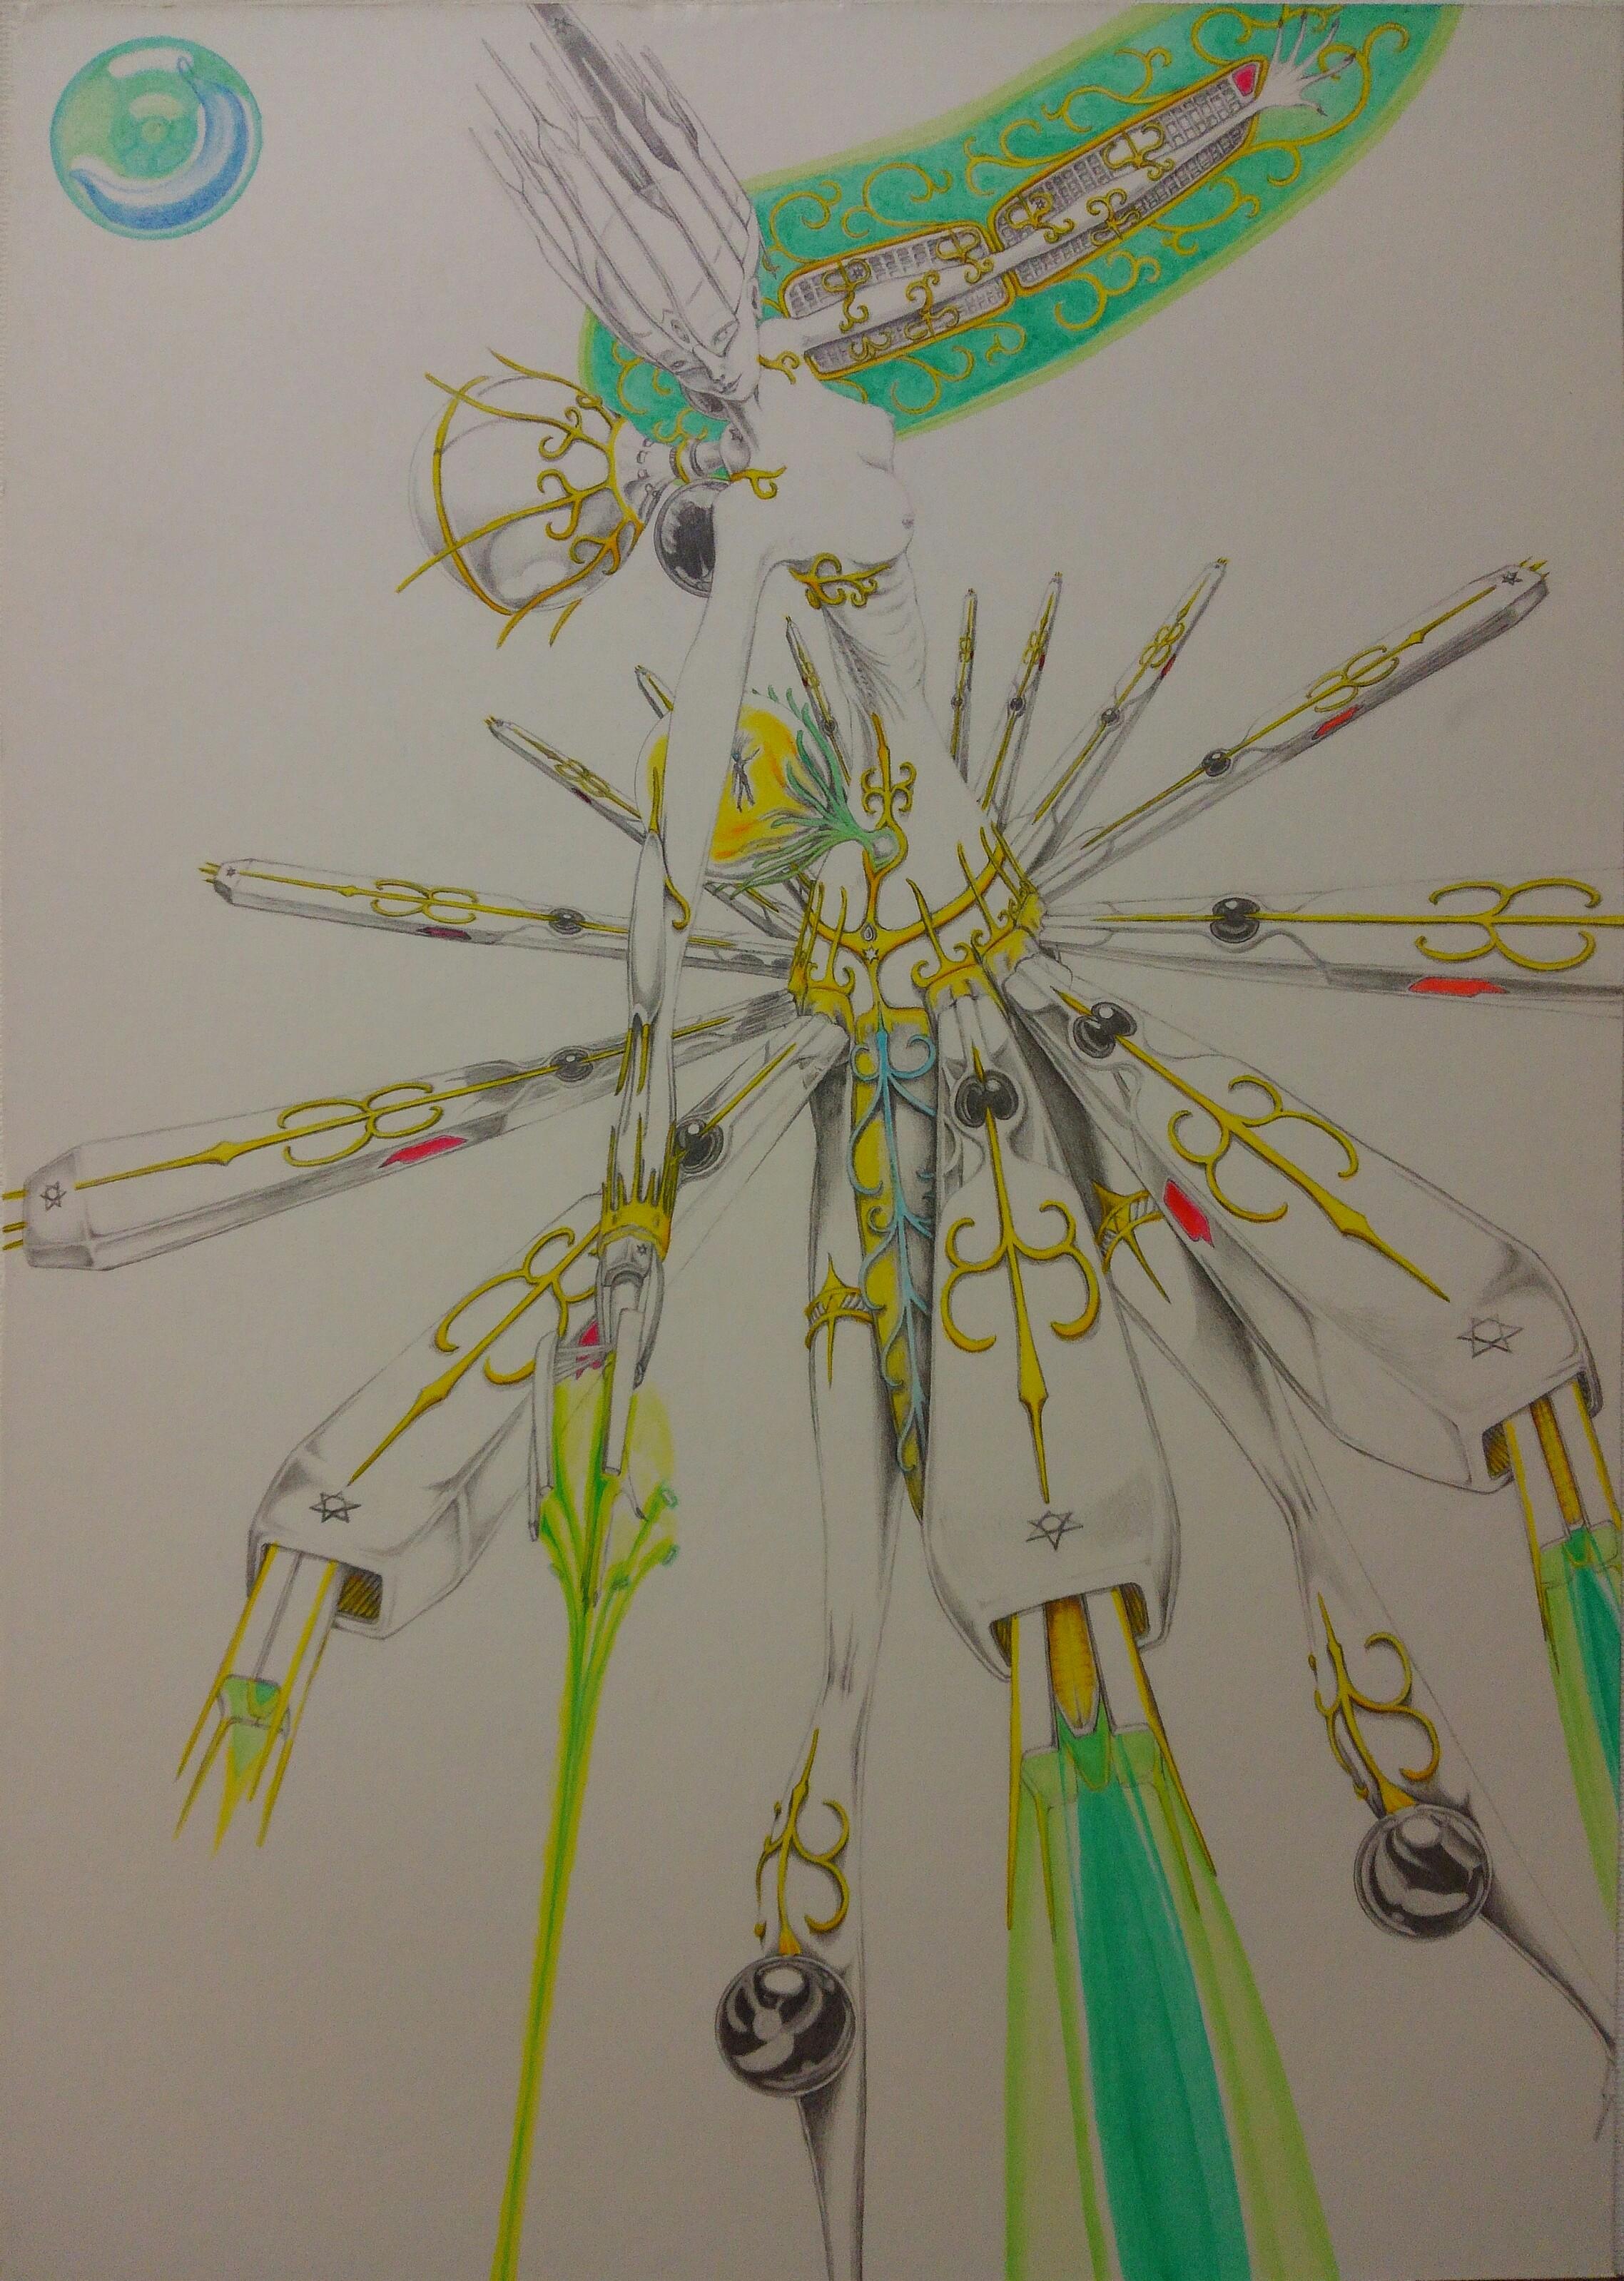 七歳の星クローン兵器 ビームキャノンスカート装備形態(試作開発中)